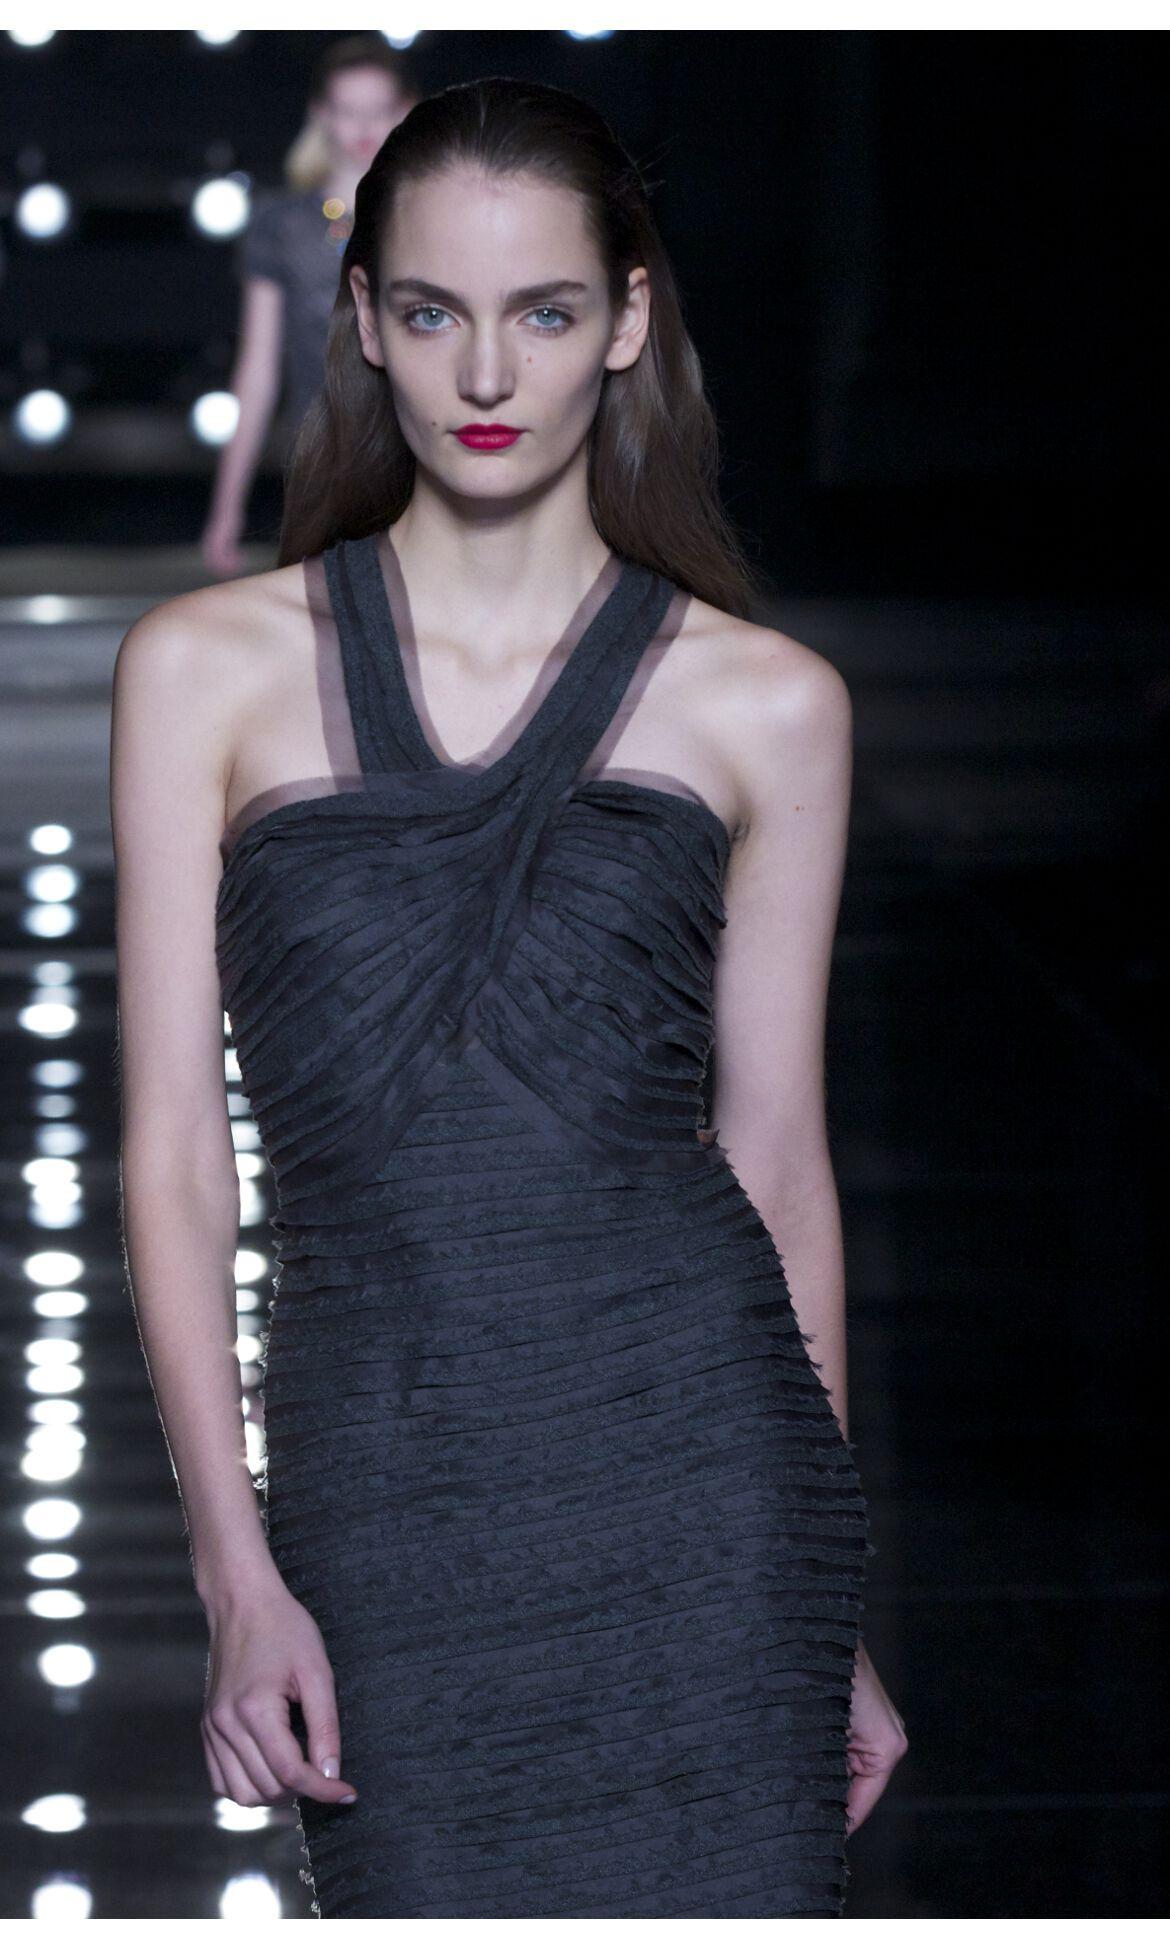 Ermanno Scervino Fall Winter 2013 14 Women Pre Collection Pitti Uomo Fashion Show